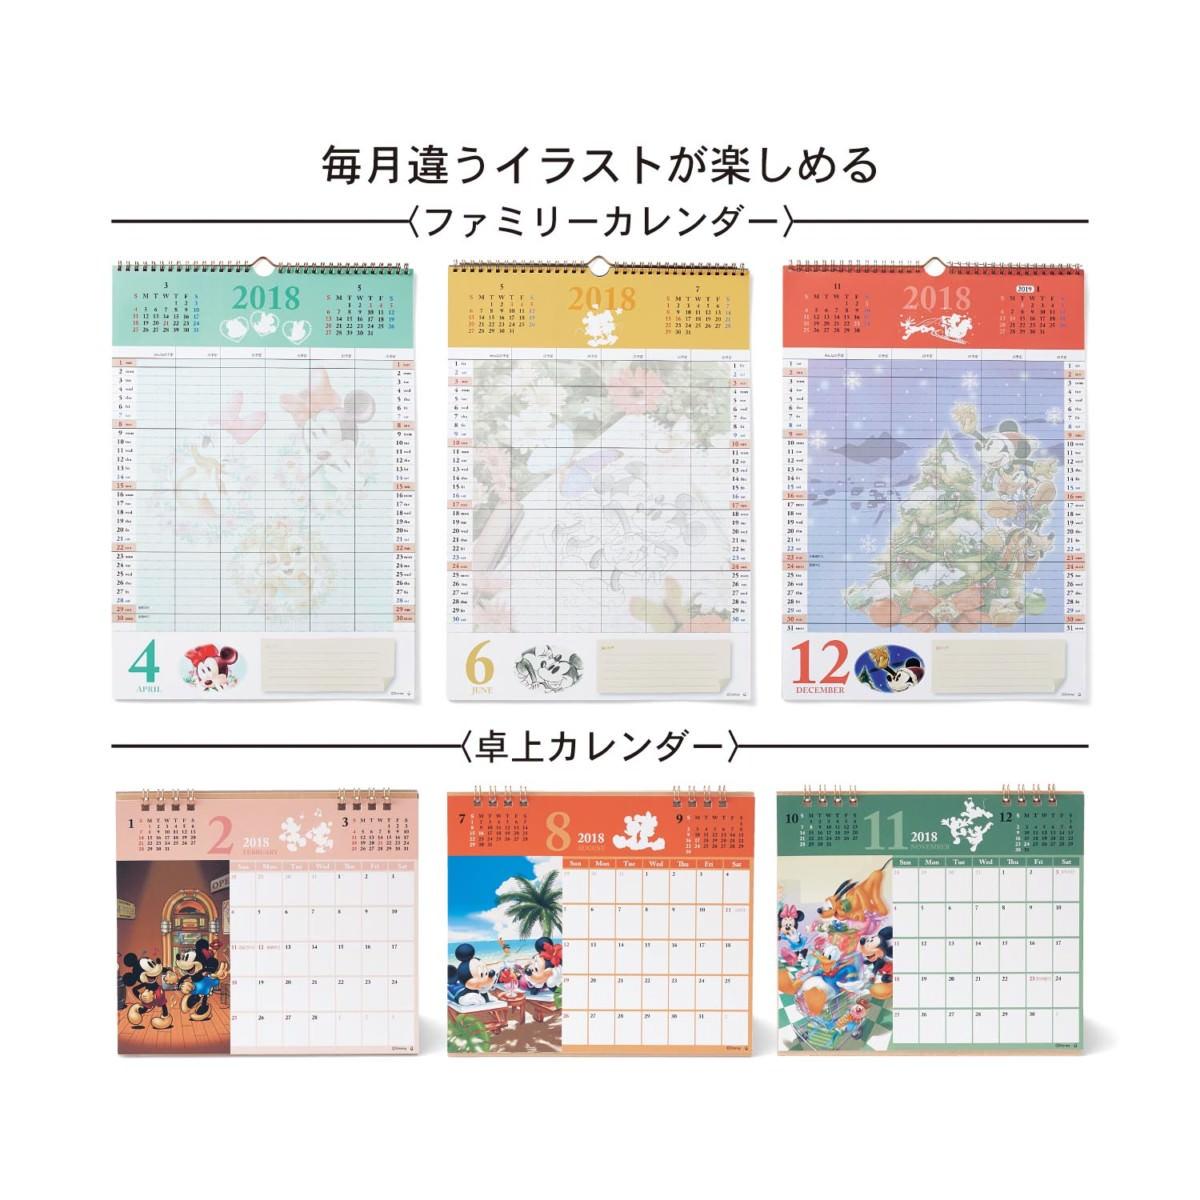 カタログ表紙がカレンダーで楽しめる!ベルメゾン ディズニーデザイン